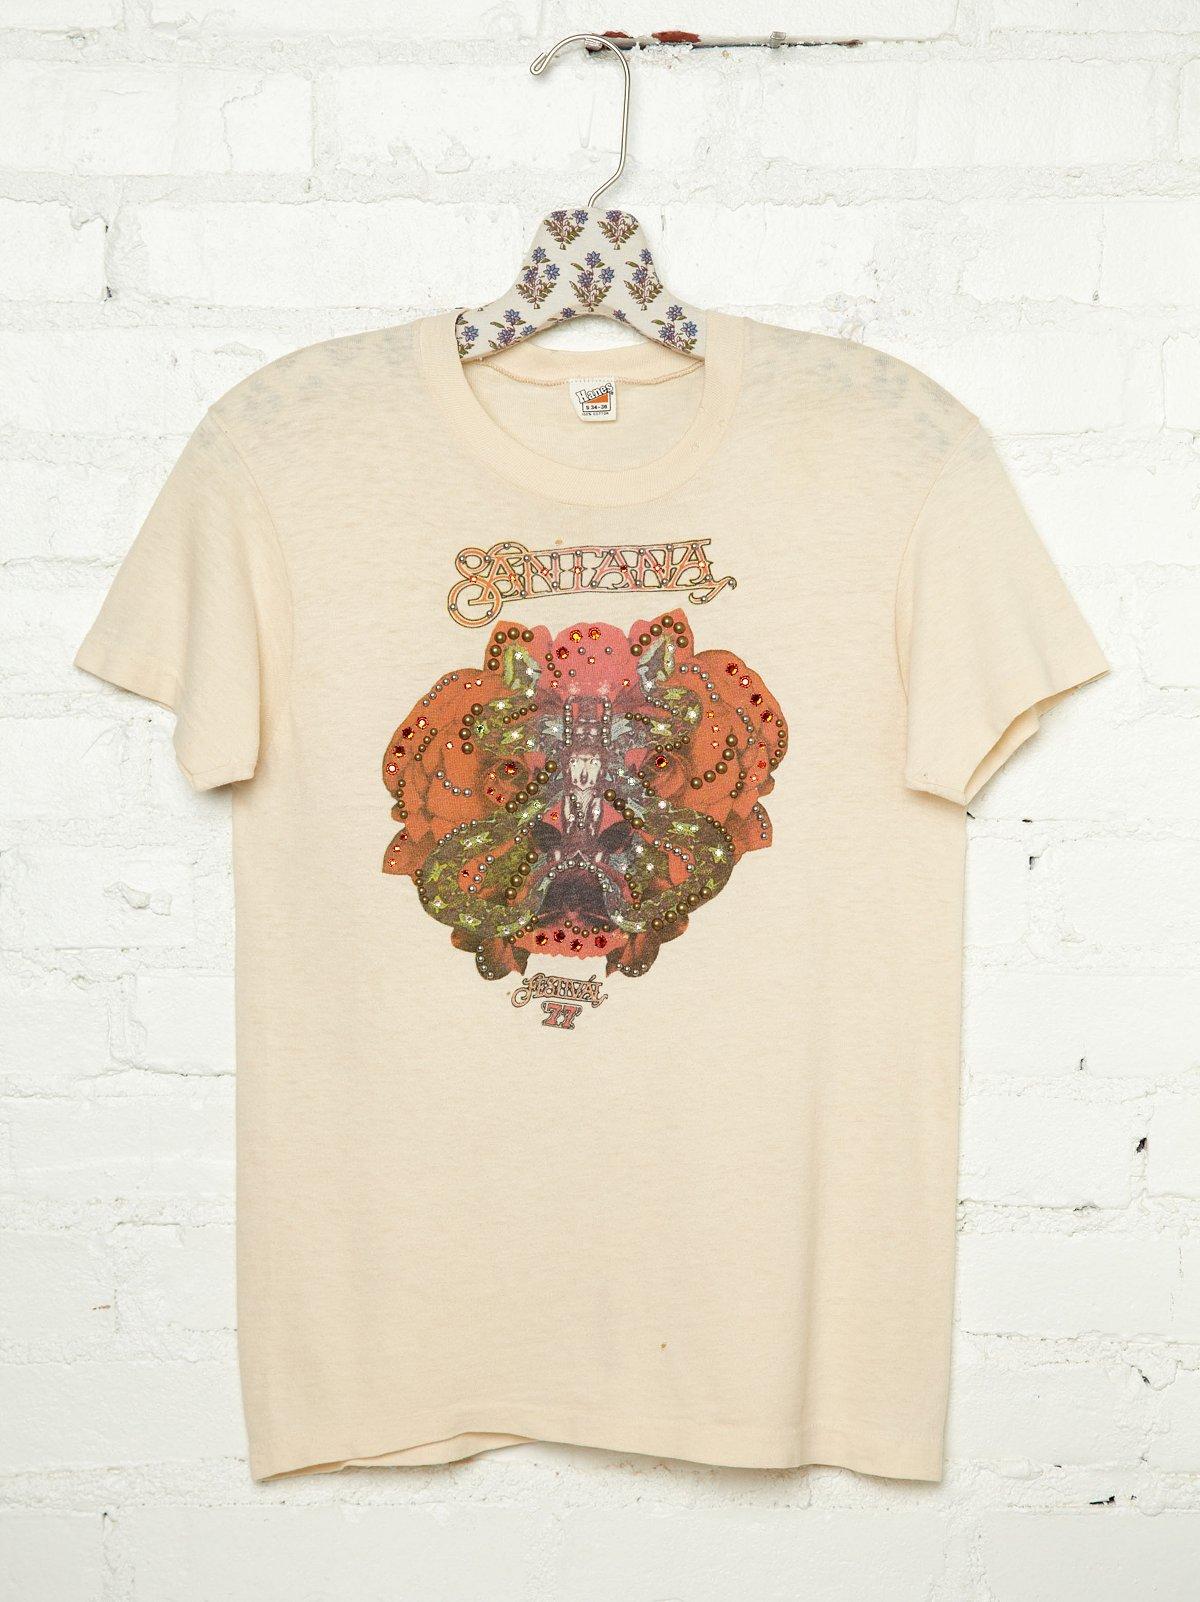 Vintage Studded 1977 Santana Tee